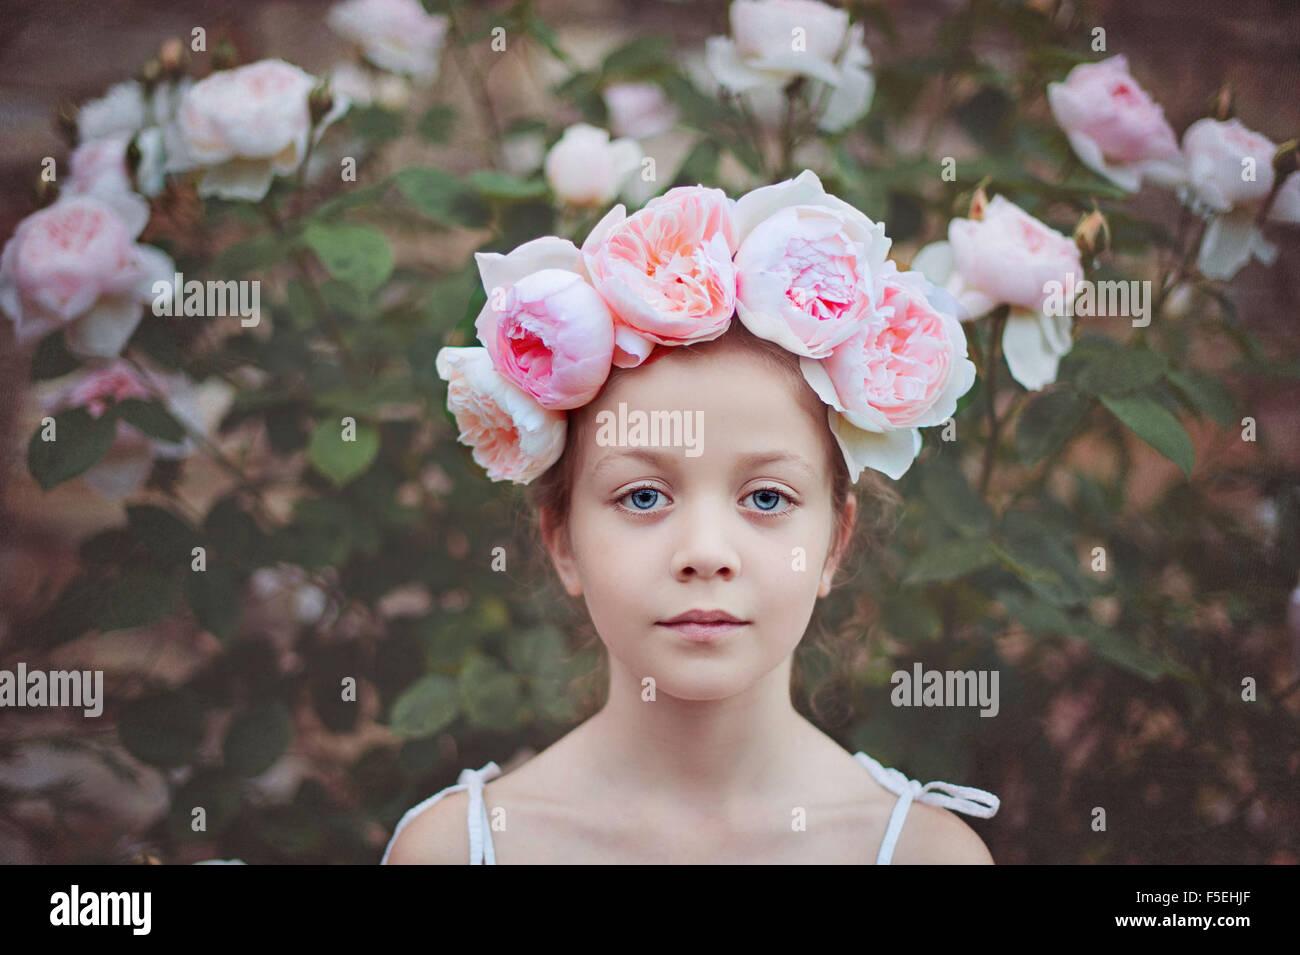 Chica usando un tocado con rosas Imagen De Stock